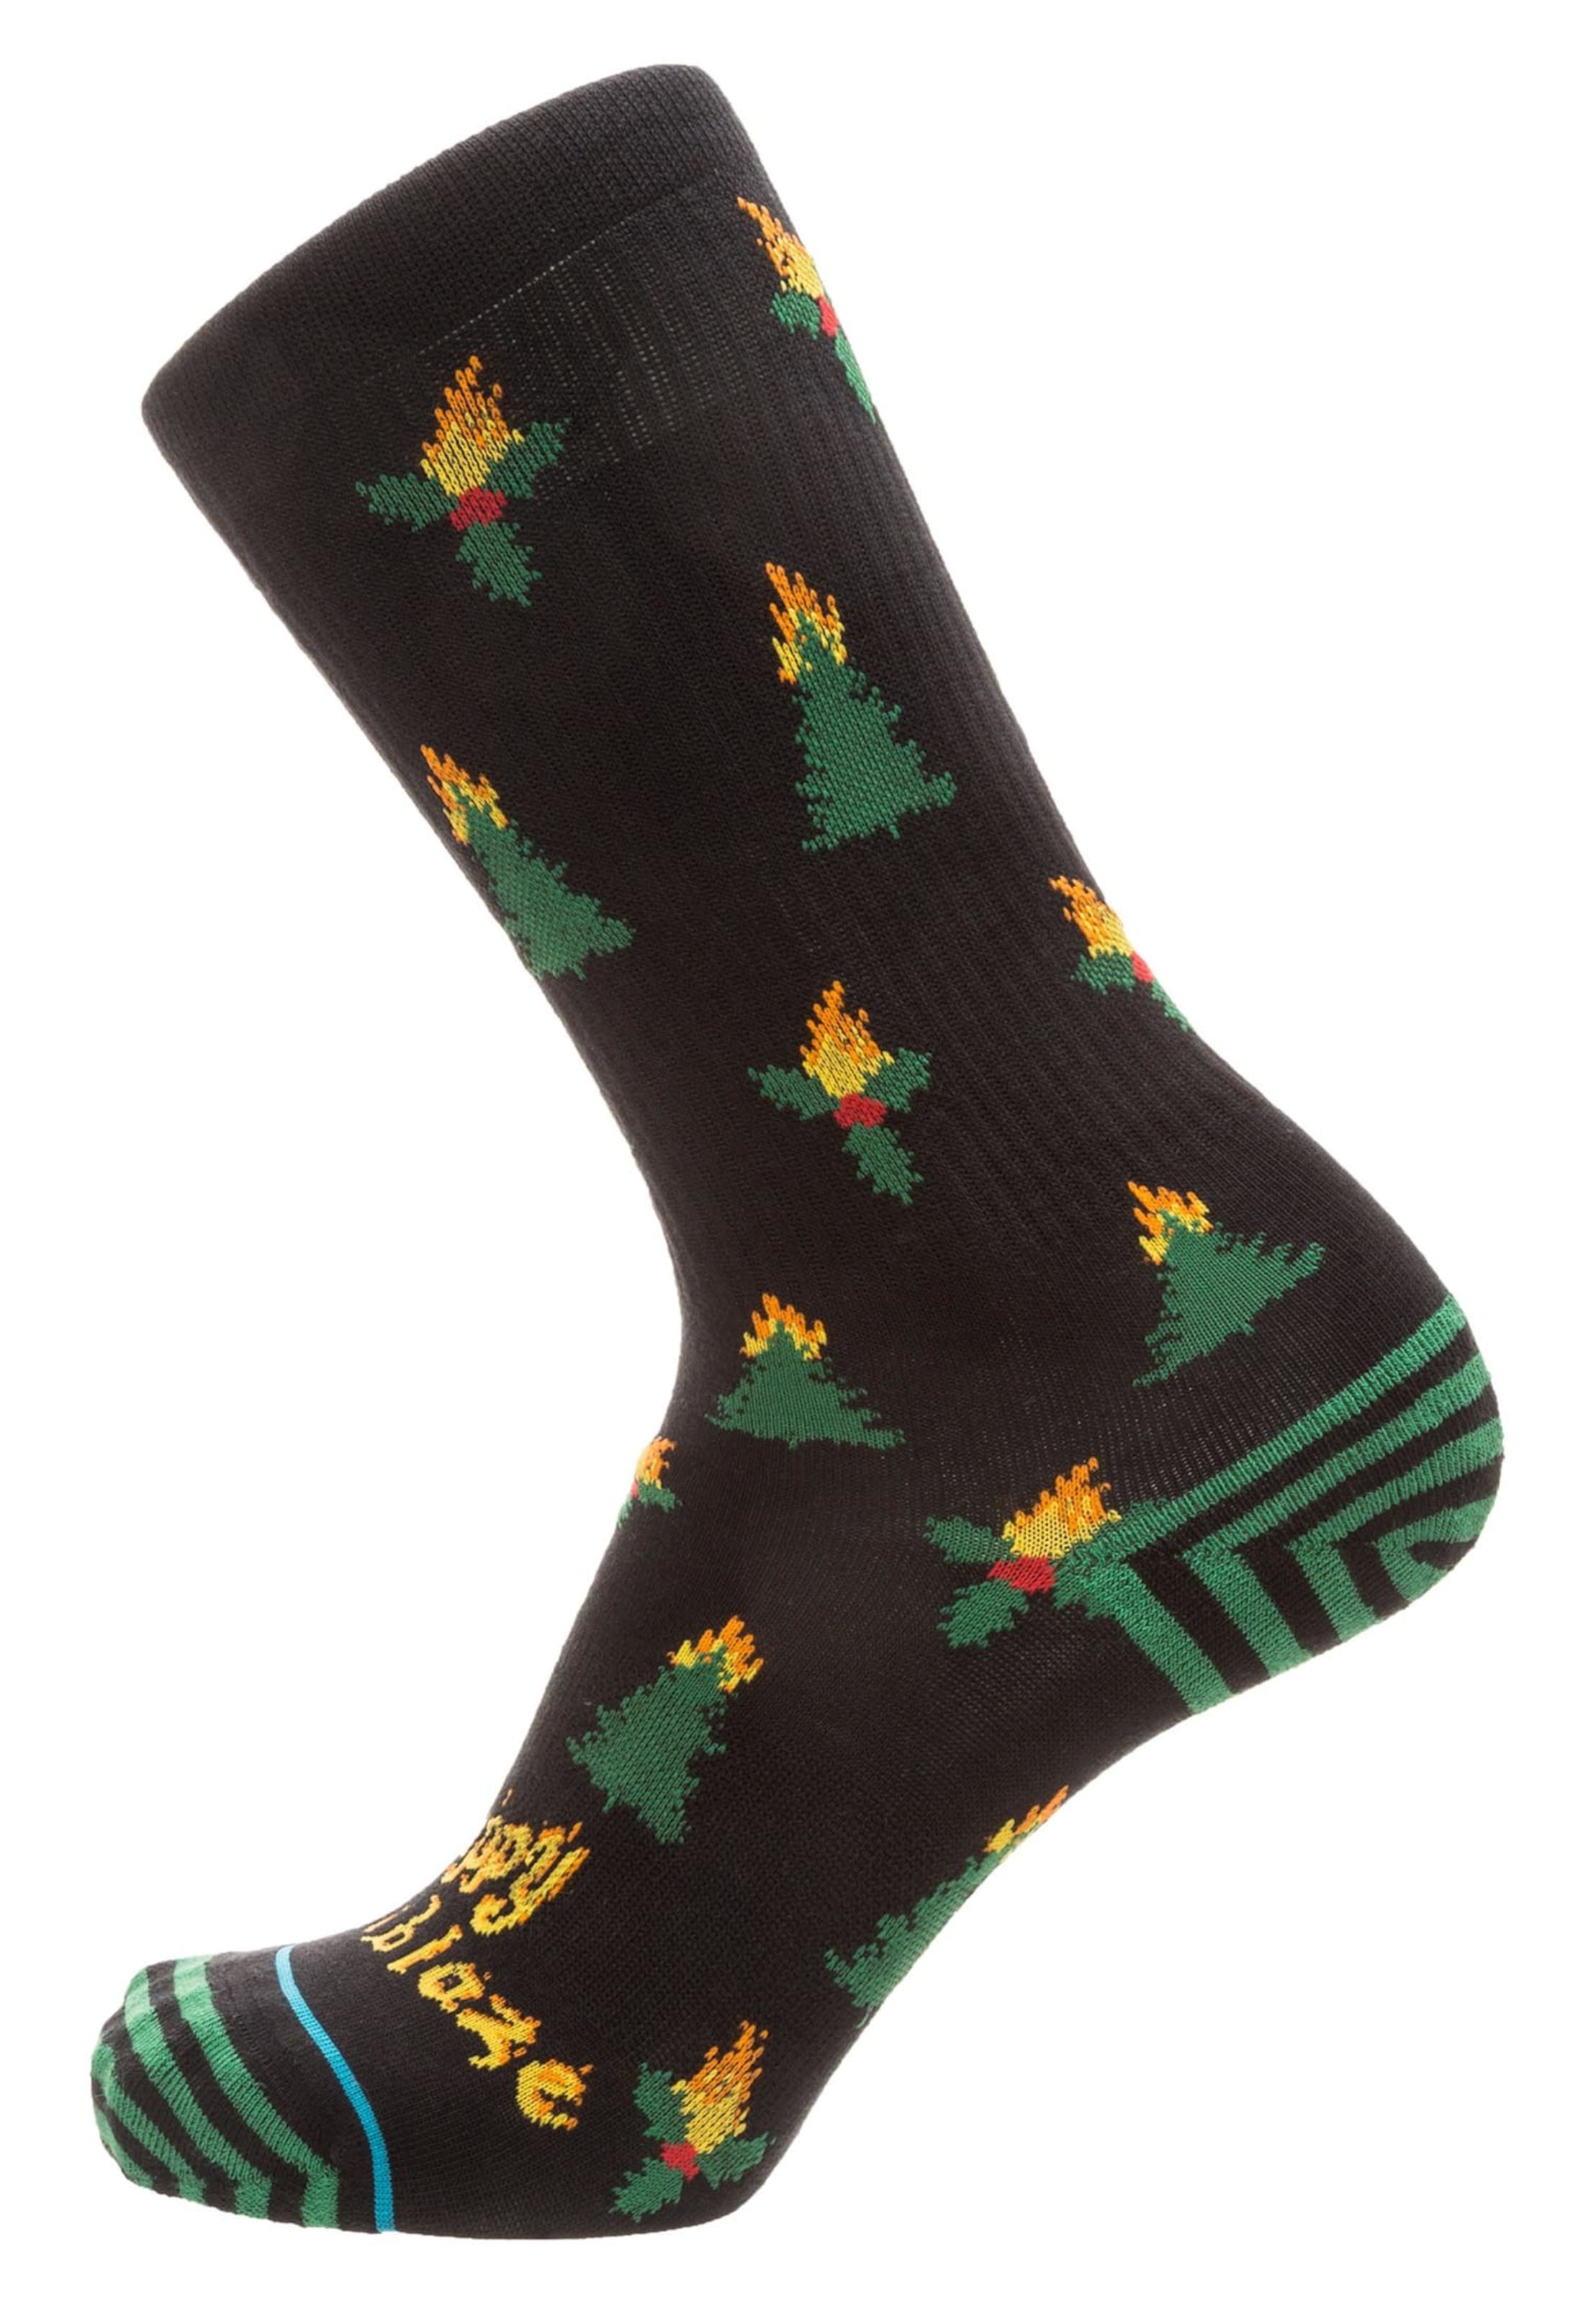 Holiblaze' Socken In 'foundation GrünSchwarz Stance dCthQrBsx